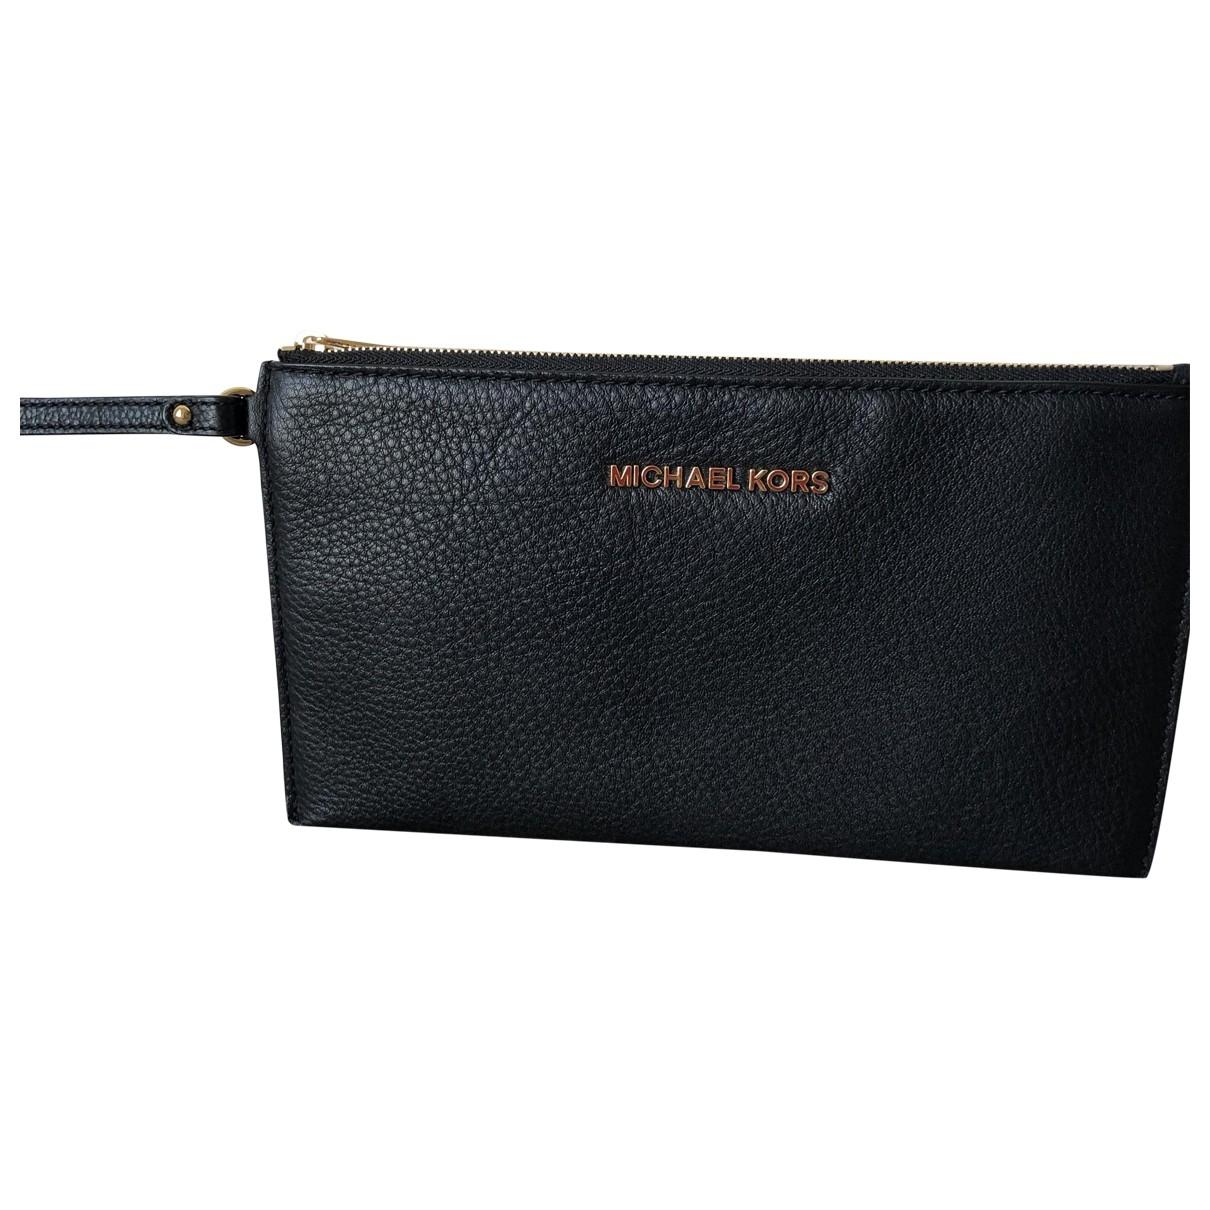 Michael Kors - Pochette   pour femme en cuir - noir